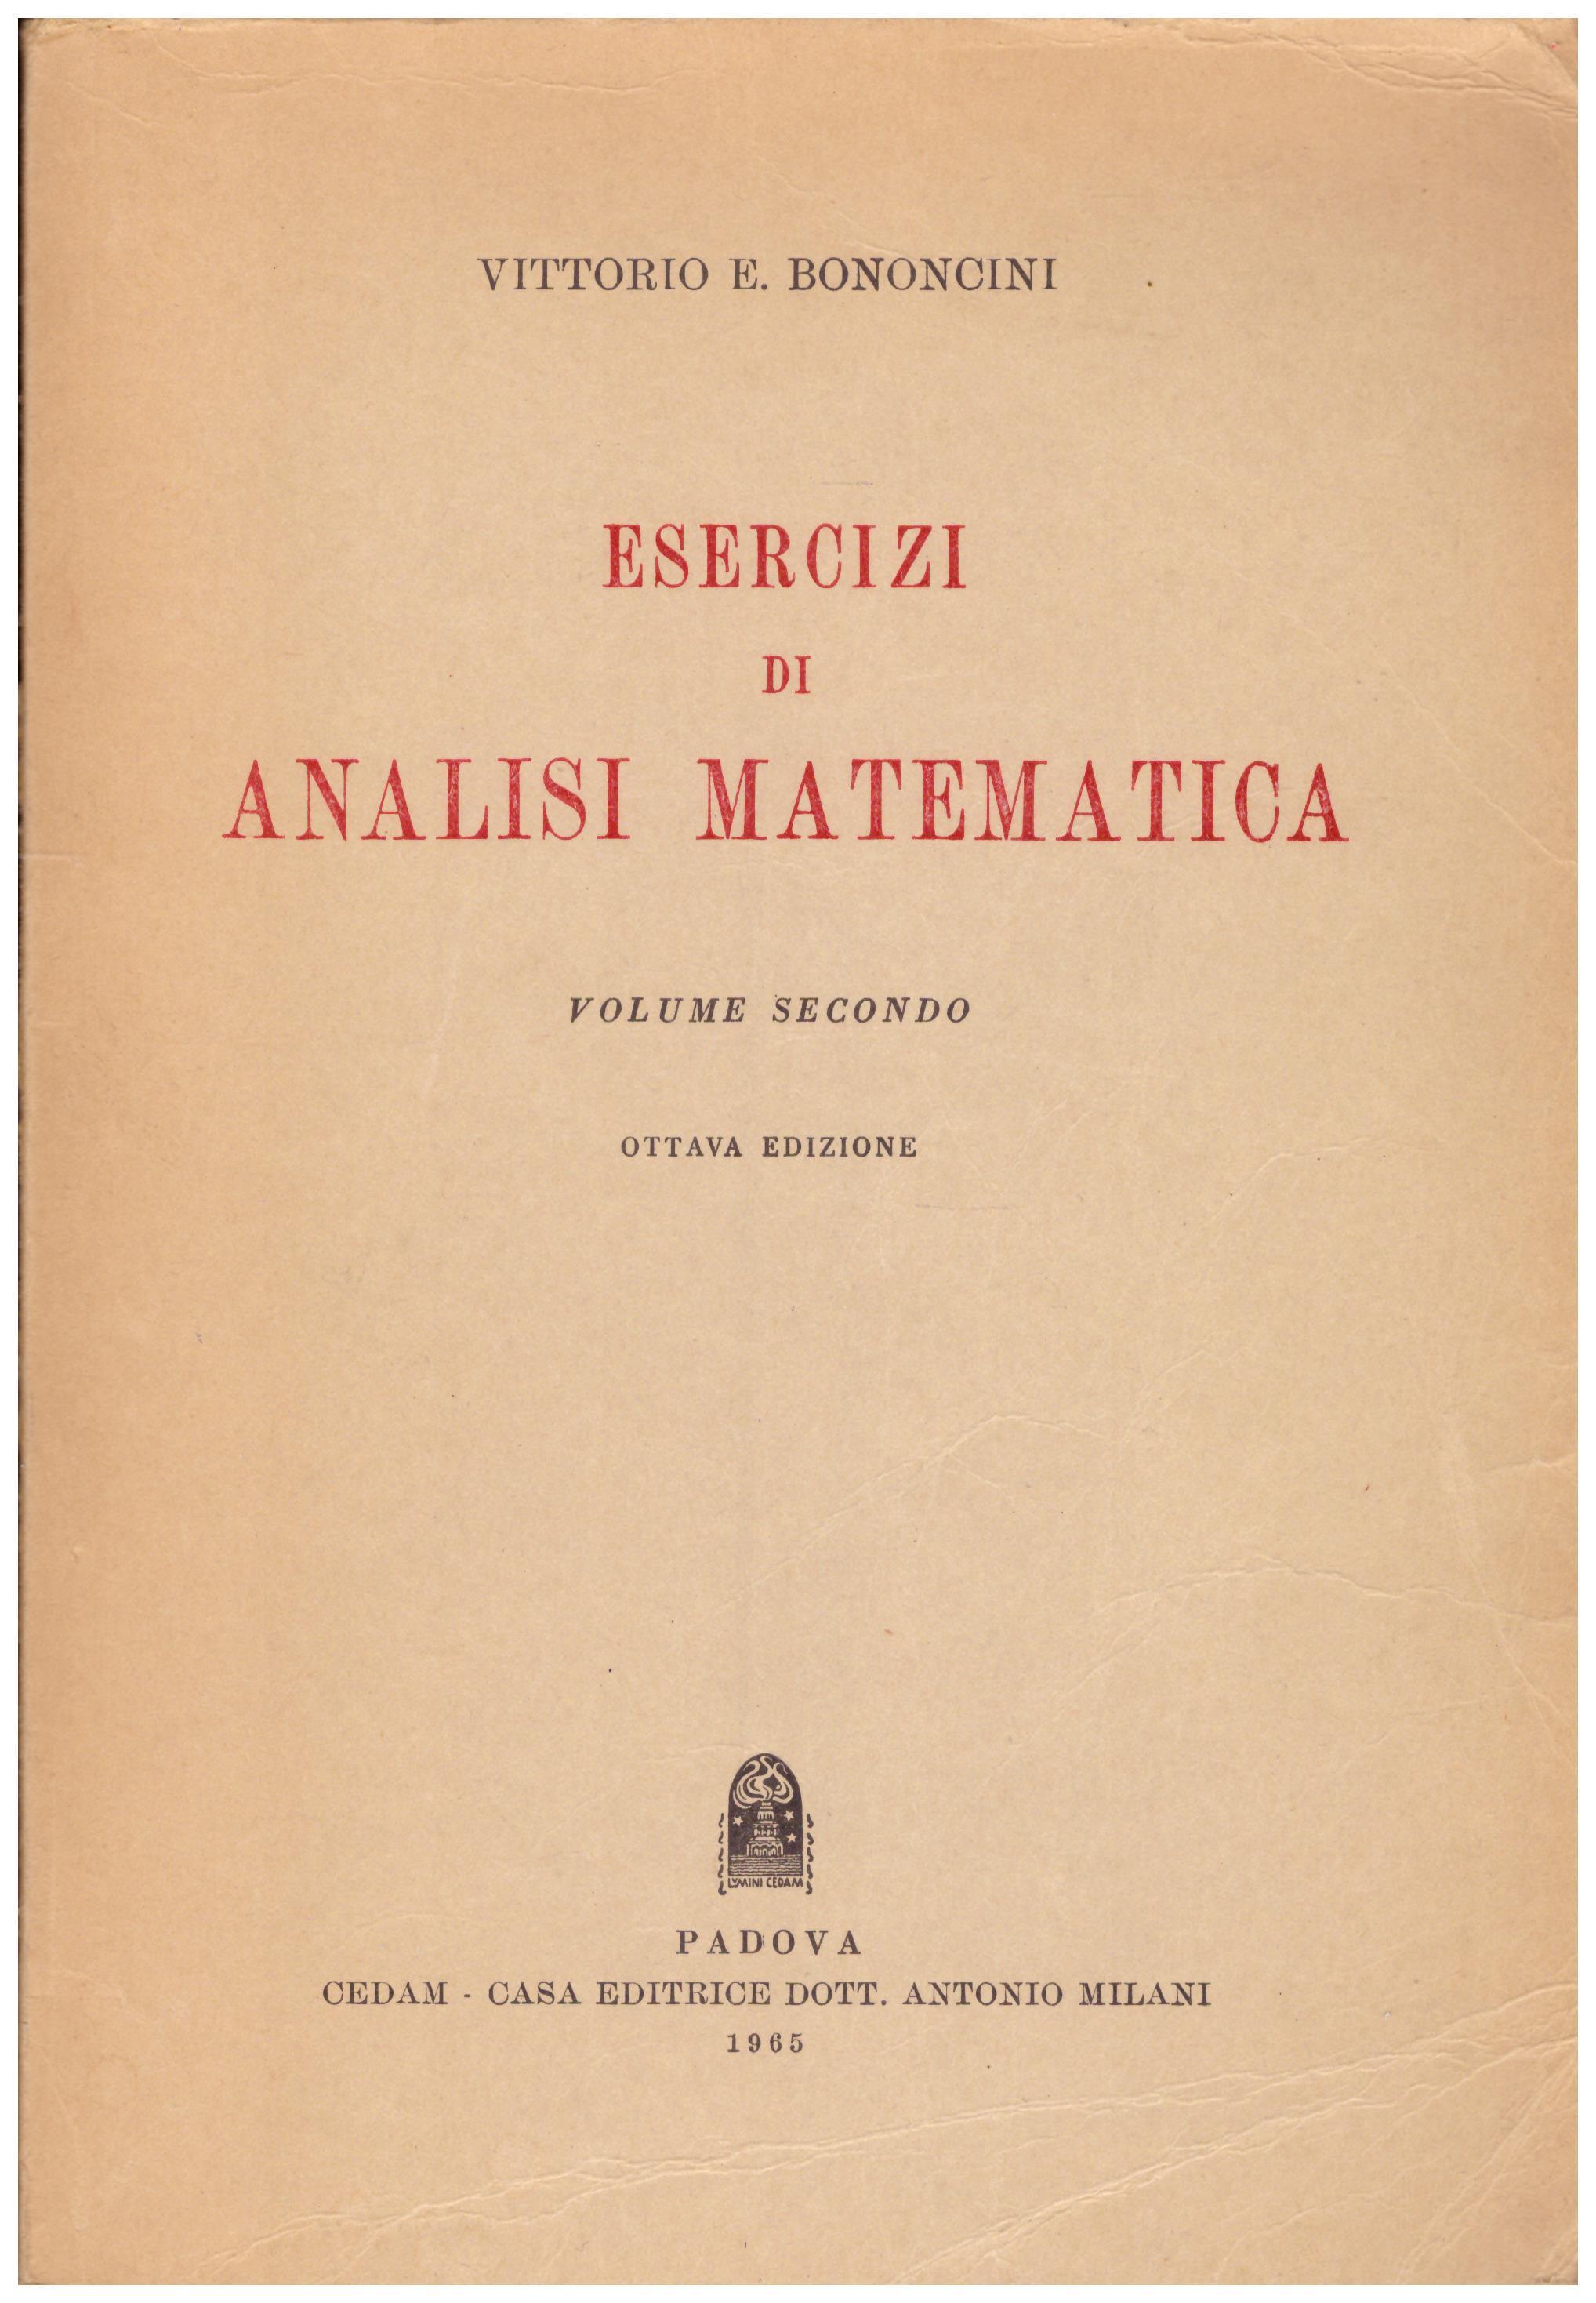 Titolo: Esercizi di analisi matematica  vol 2  autore: Vittorio Bononcini editore: cedam 1965